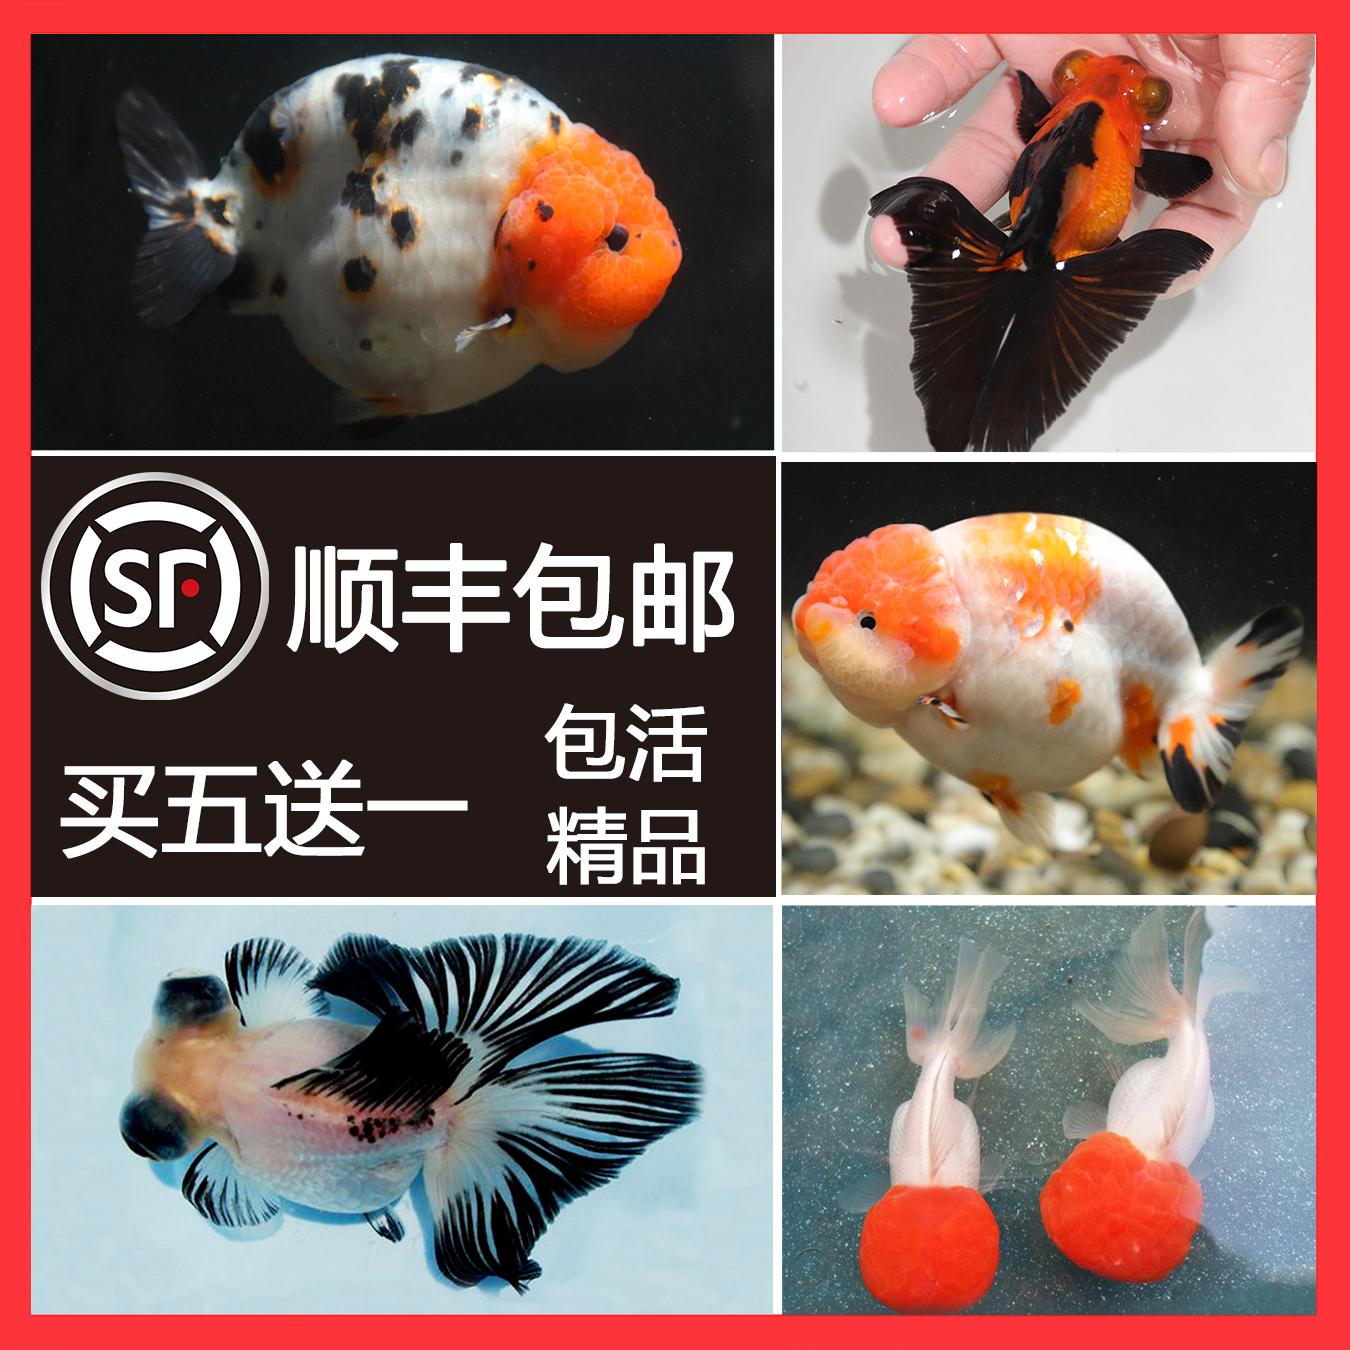 精品兰寿泰狮蝶尾狮子头水泡猫狮冷水鱼金鱼活体观赏鱼水族宠物